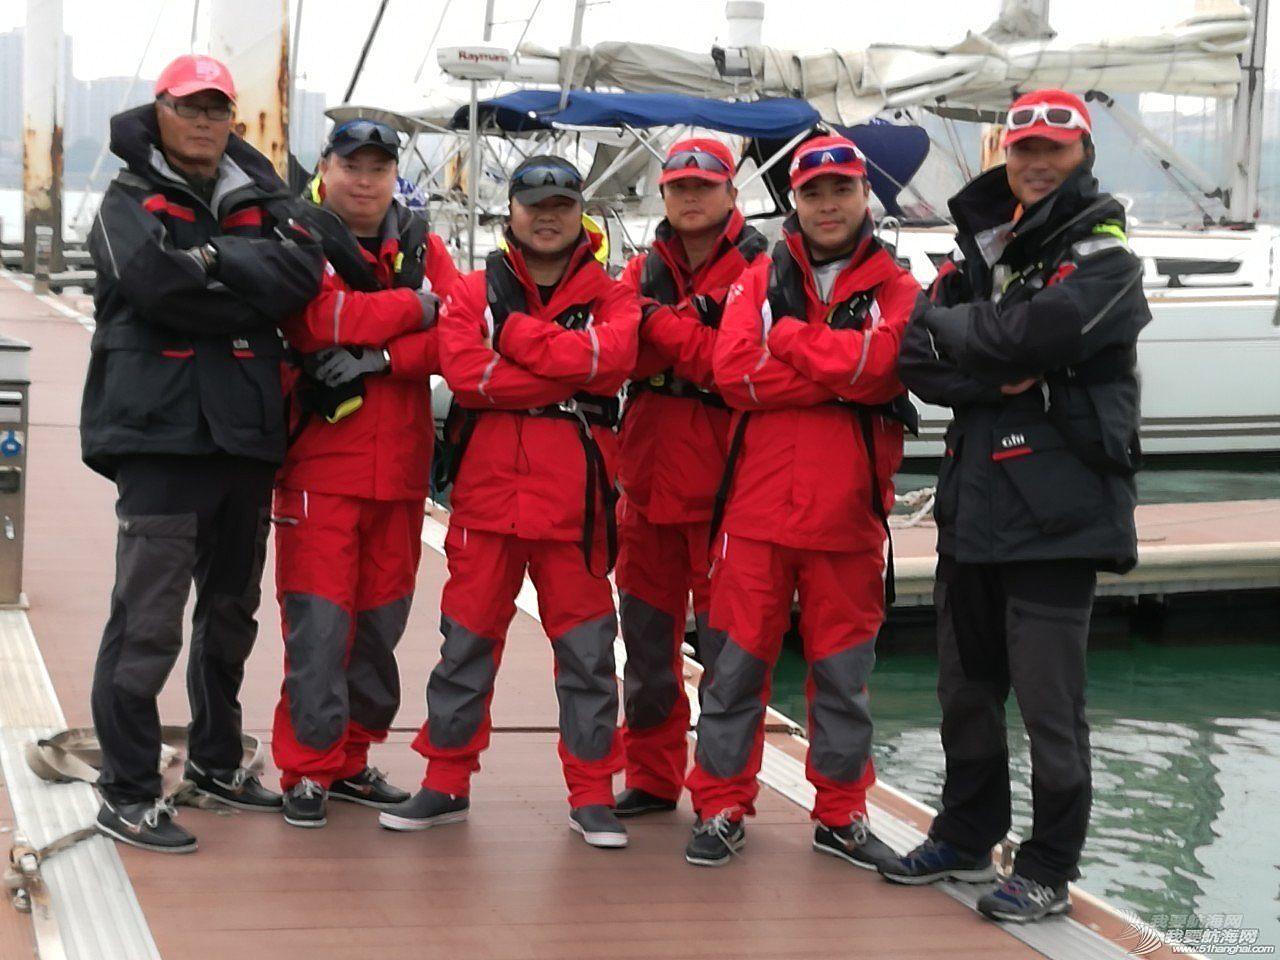 帆船运动,海南岛,老男孩,俱乐部,梦之队 老男孩梦之队:勇敢扬帆,圆梦海上!